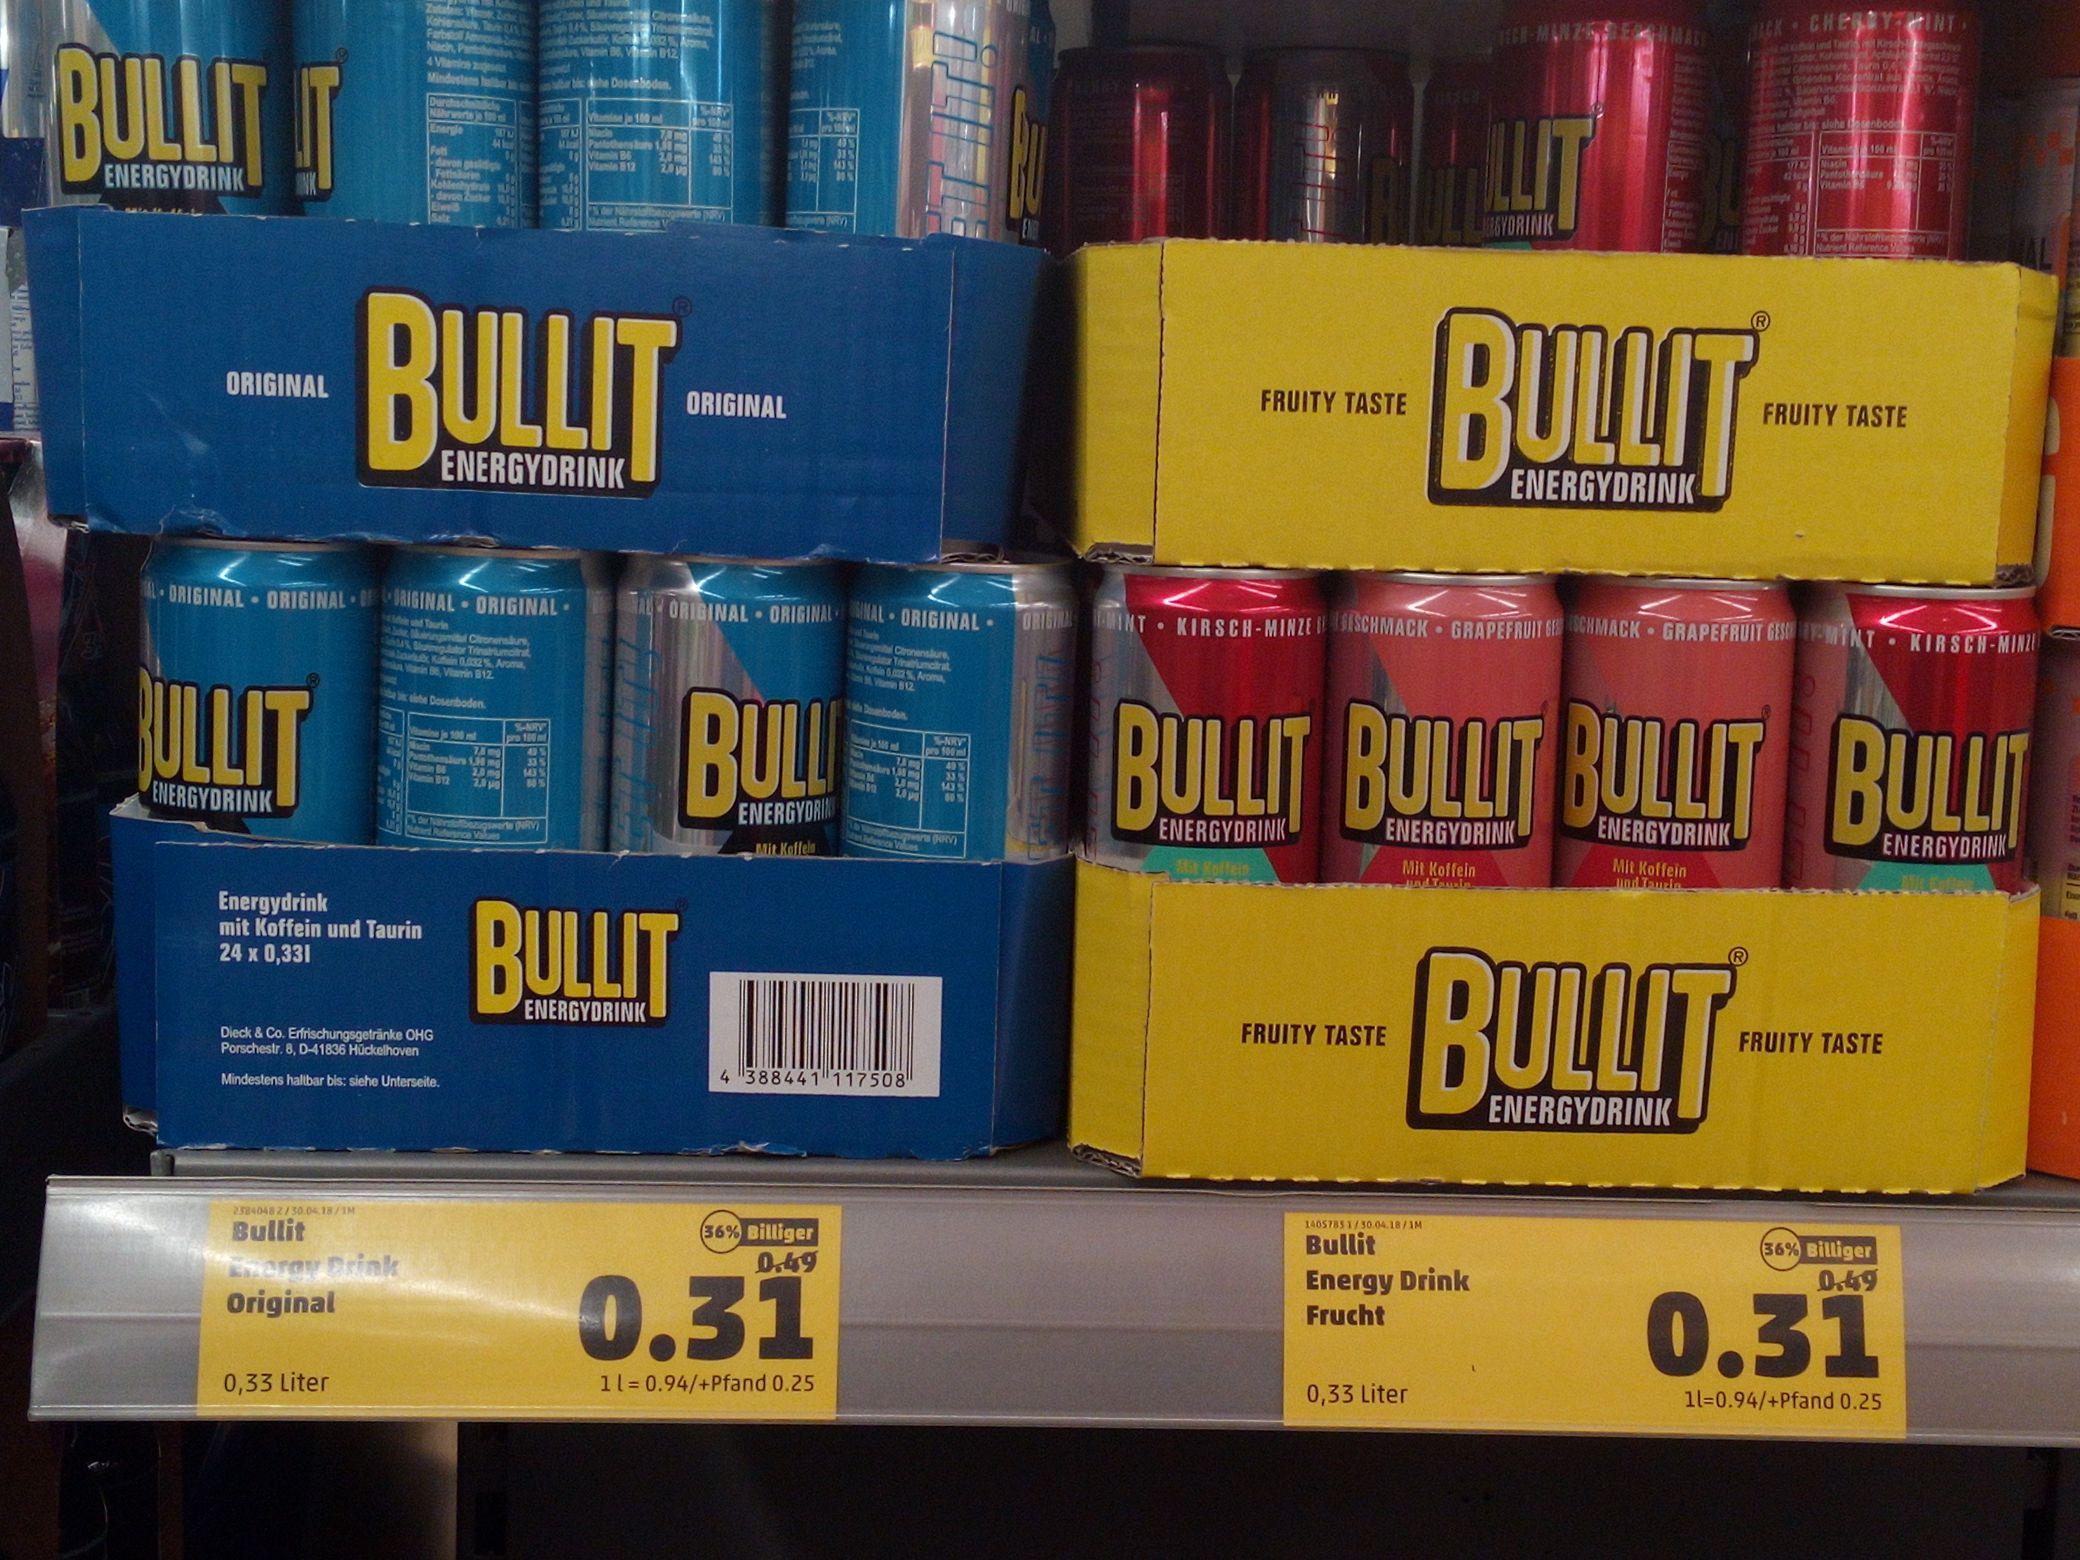 Bullit Energy Drink  0,33l ist für 0,31€ penny liebenburg (gegebenfalls bundesweit)